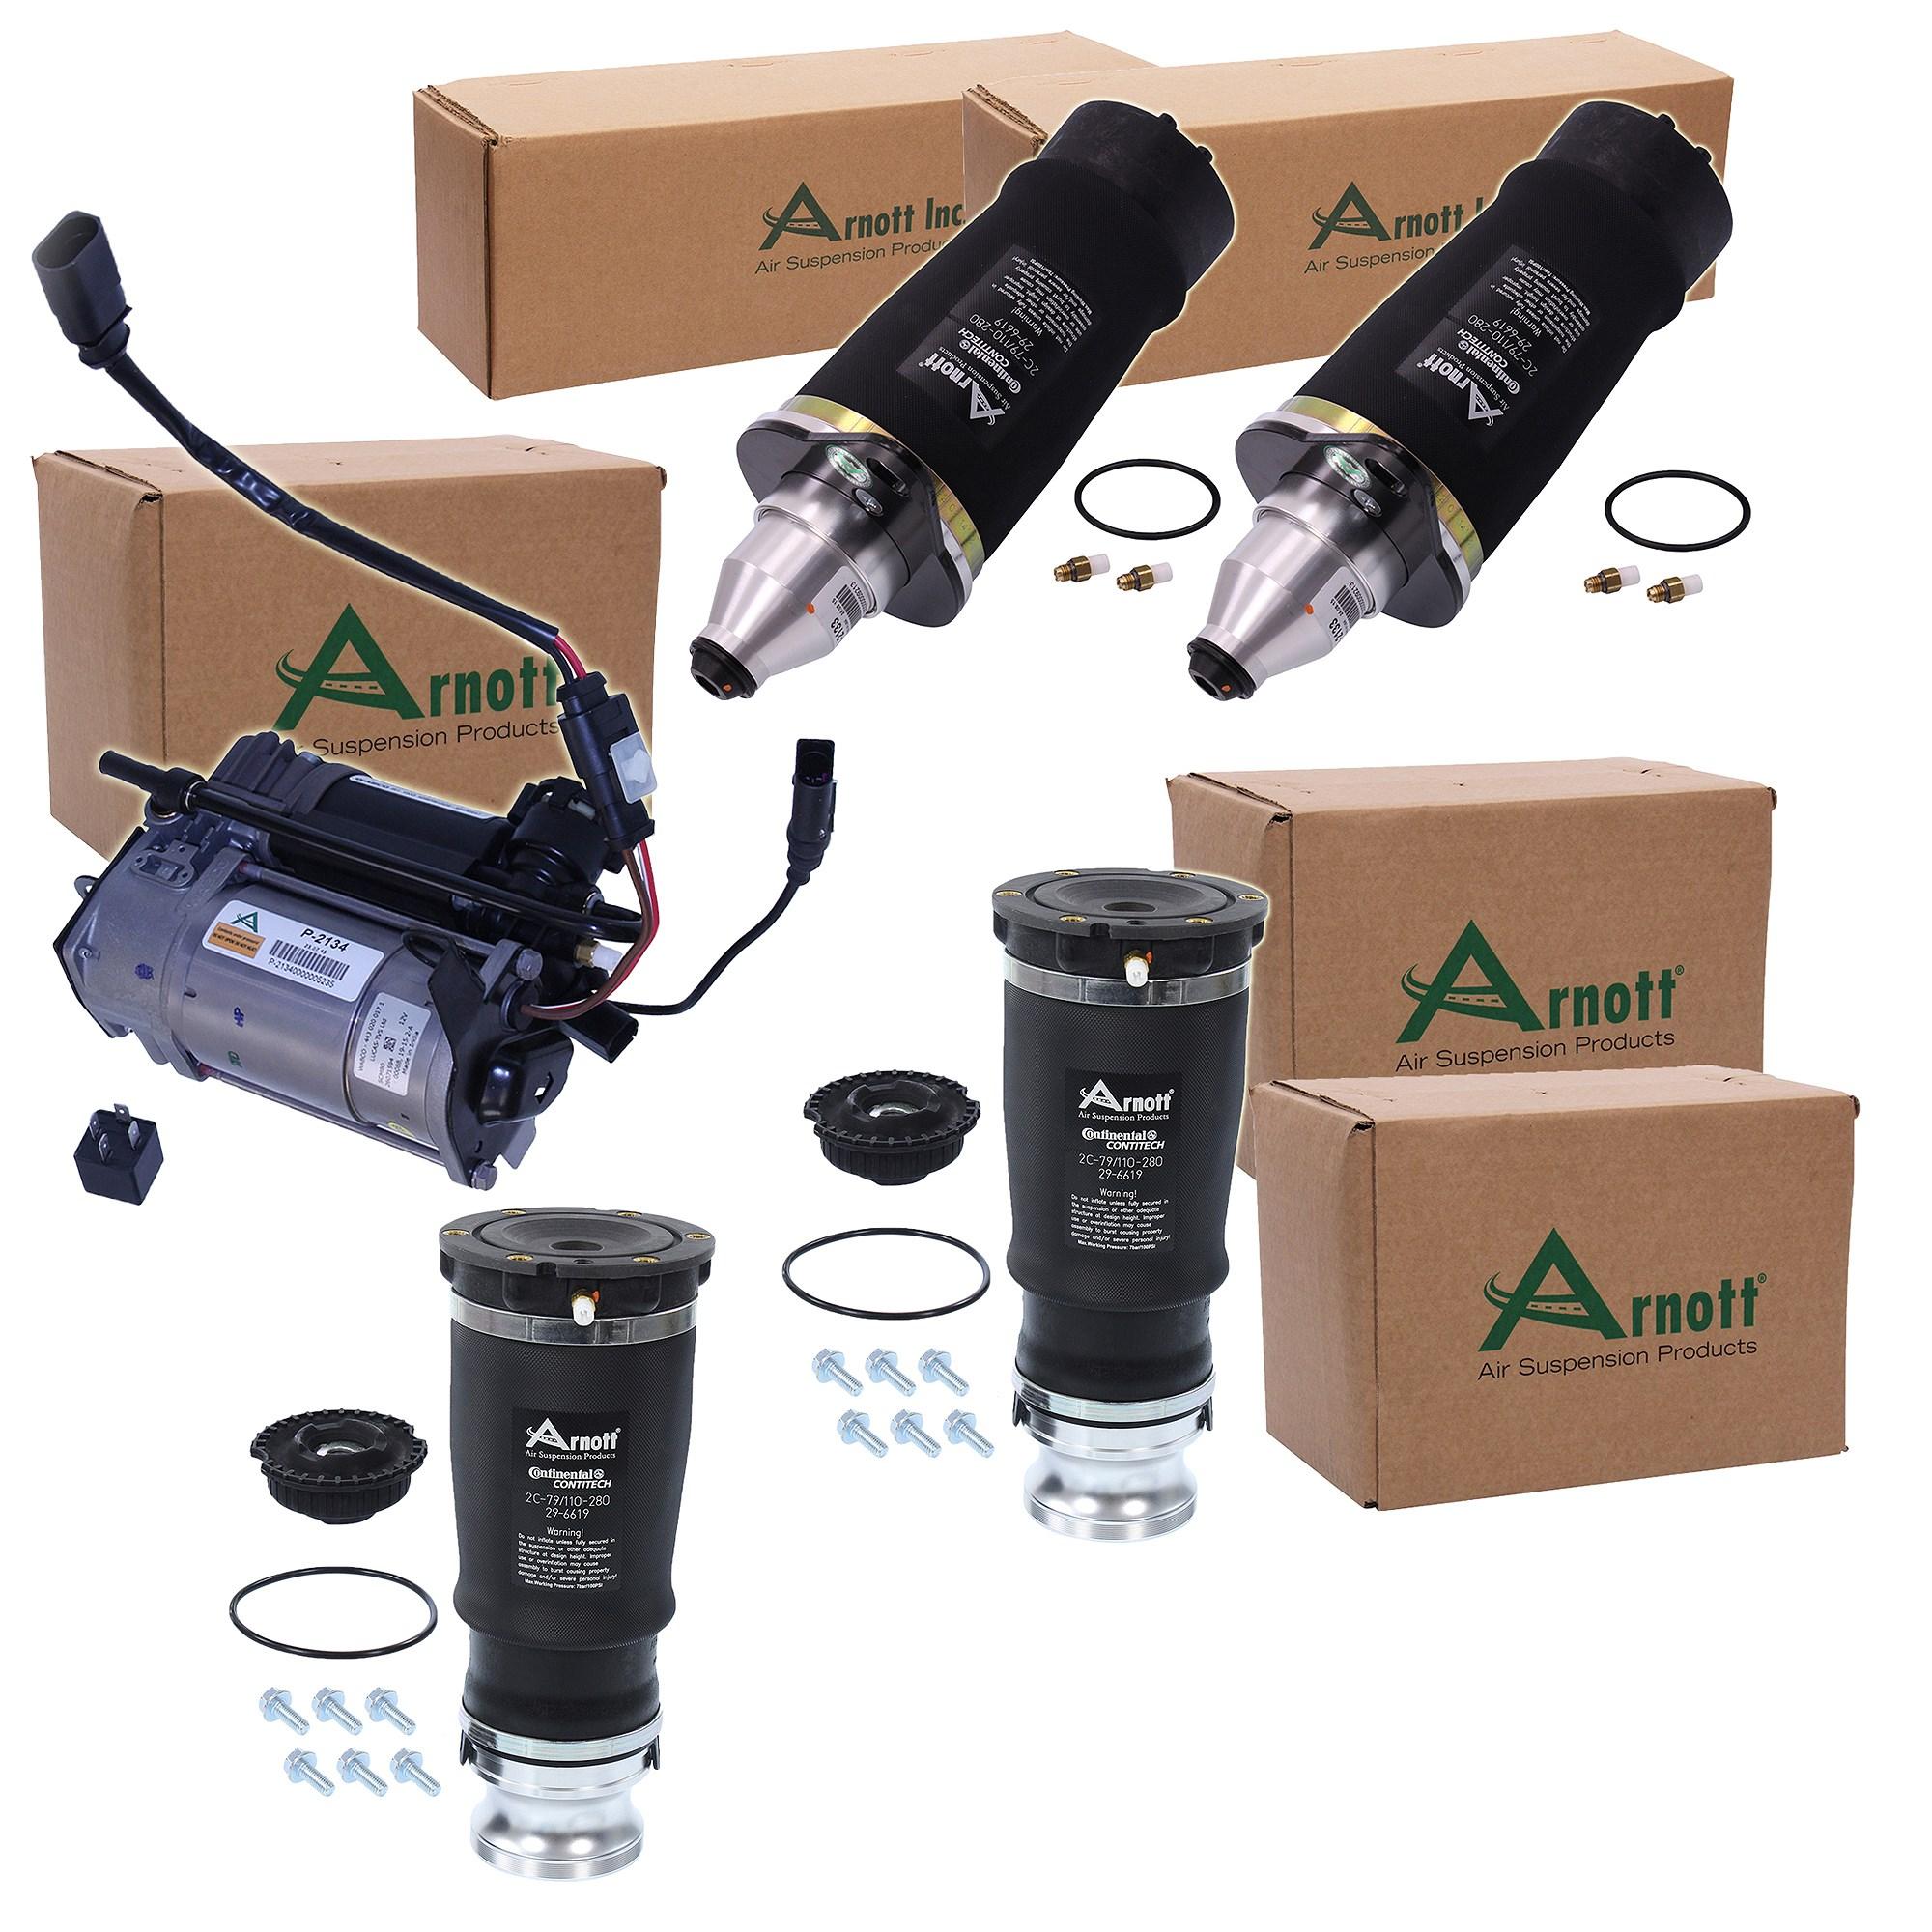 2 x Luftfeder Luftfederung Luftfahrwerk Hinten für CITROEN PEUGEOT FIAT